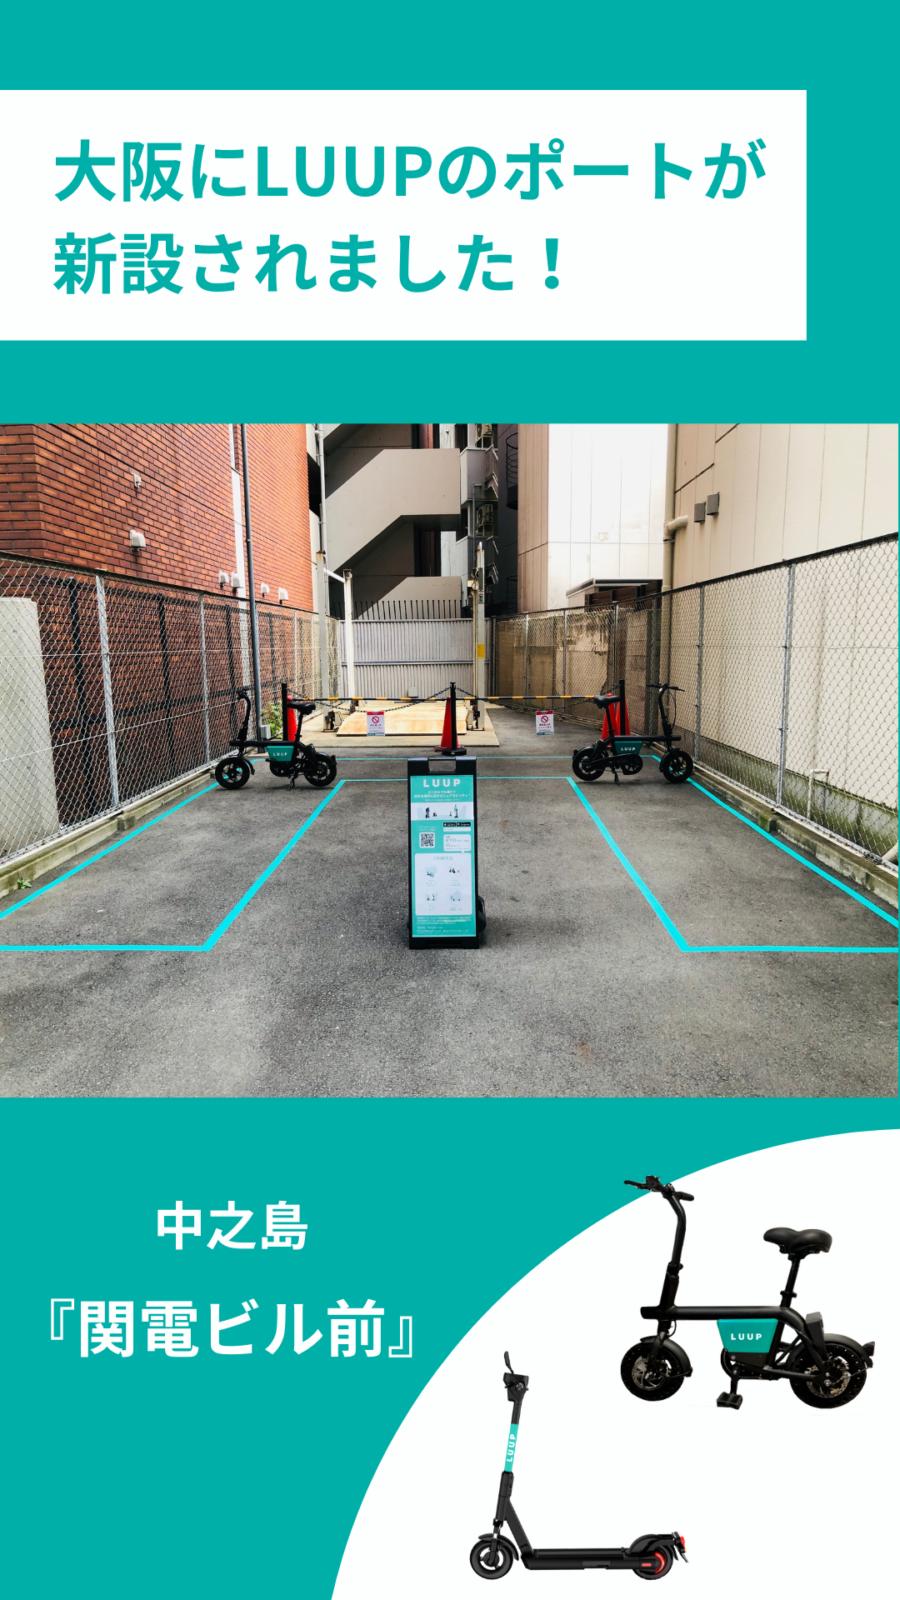 中之島初!電動マイクロモビリティシェアリングサービス「LUUP」のポートが開設!